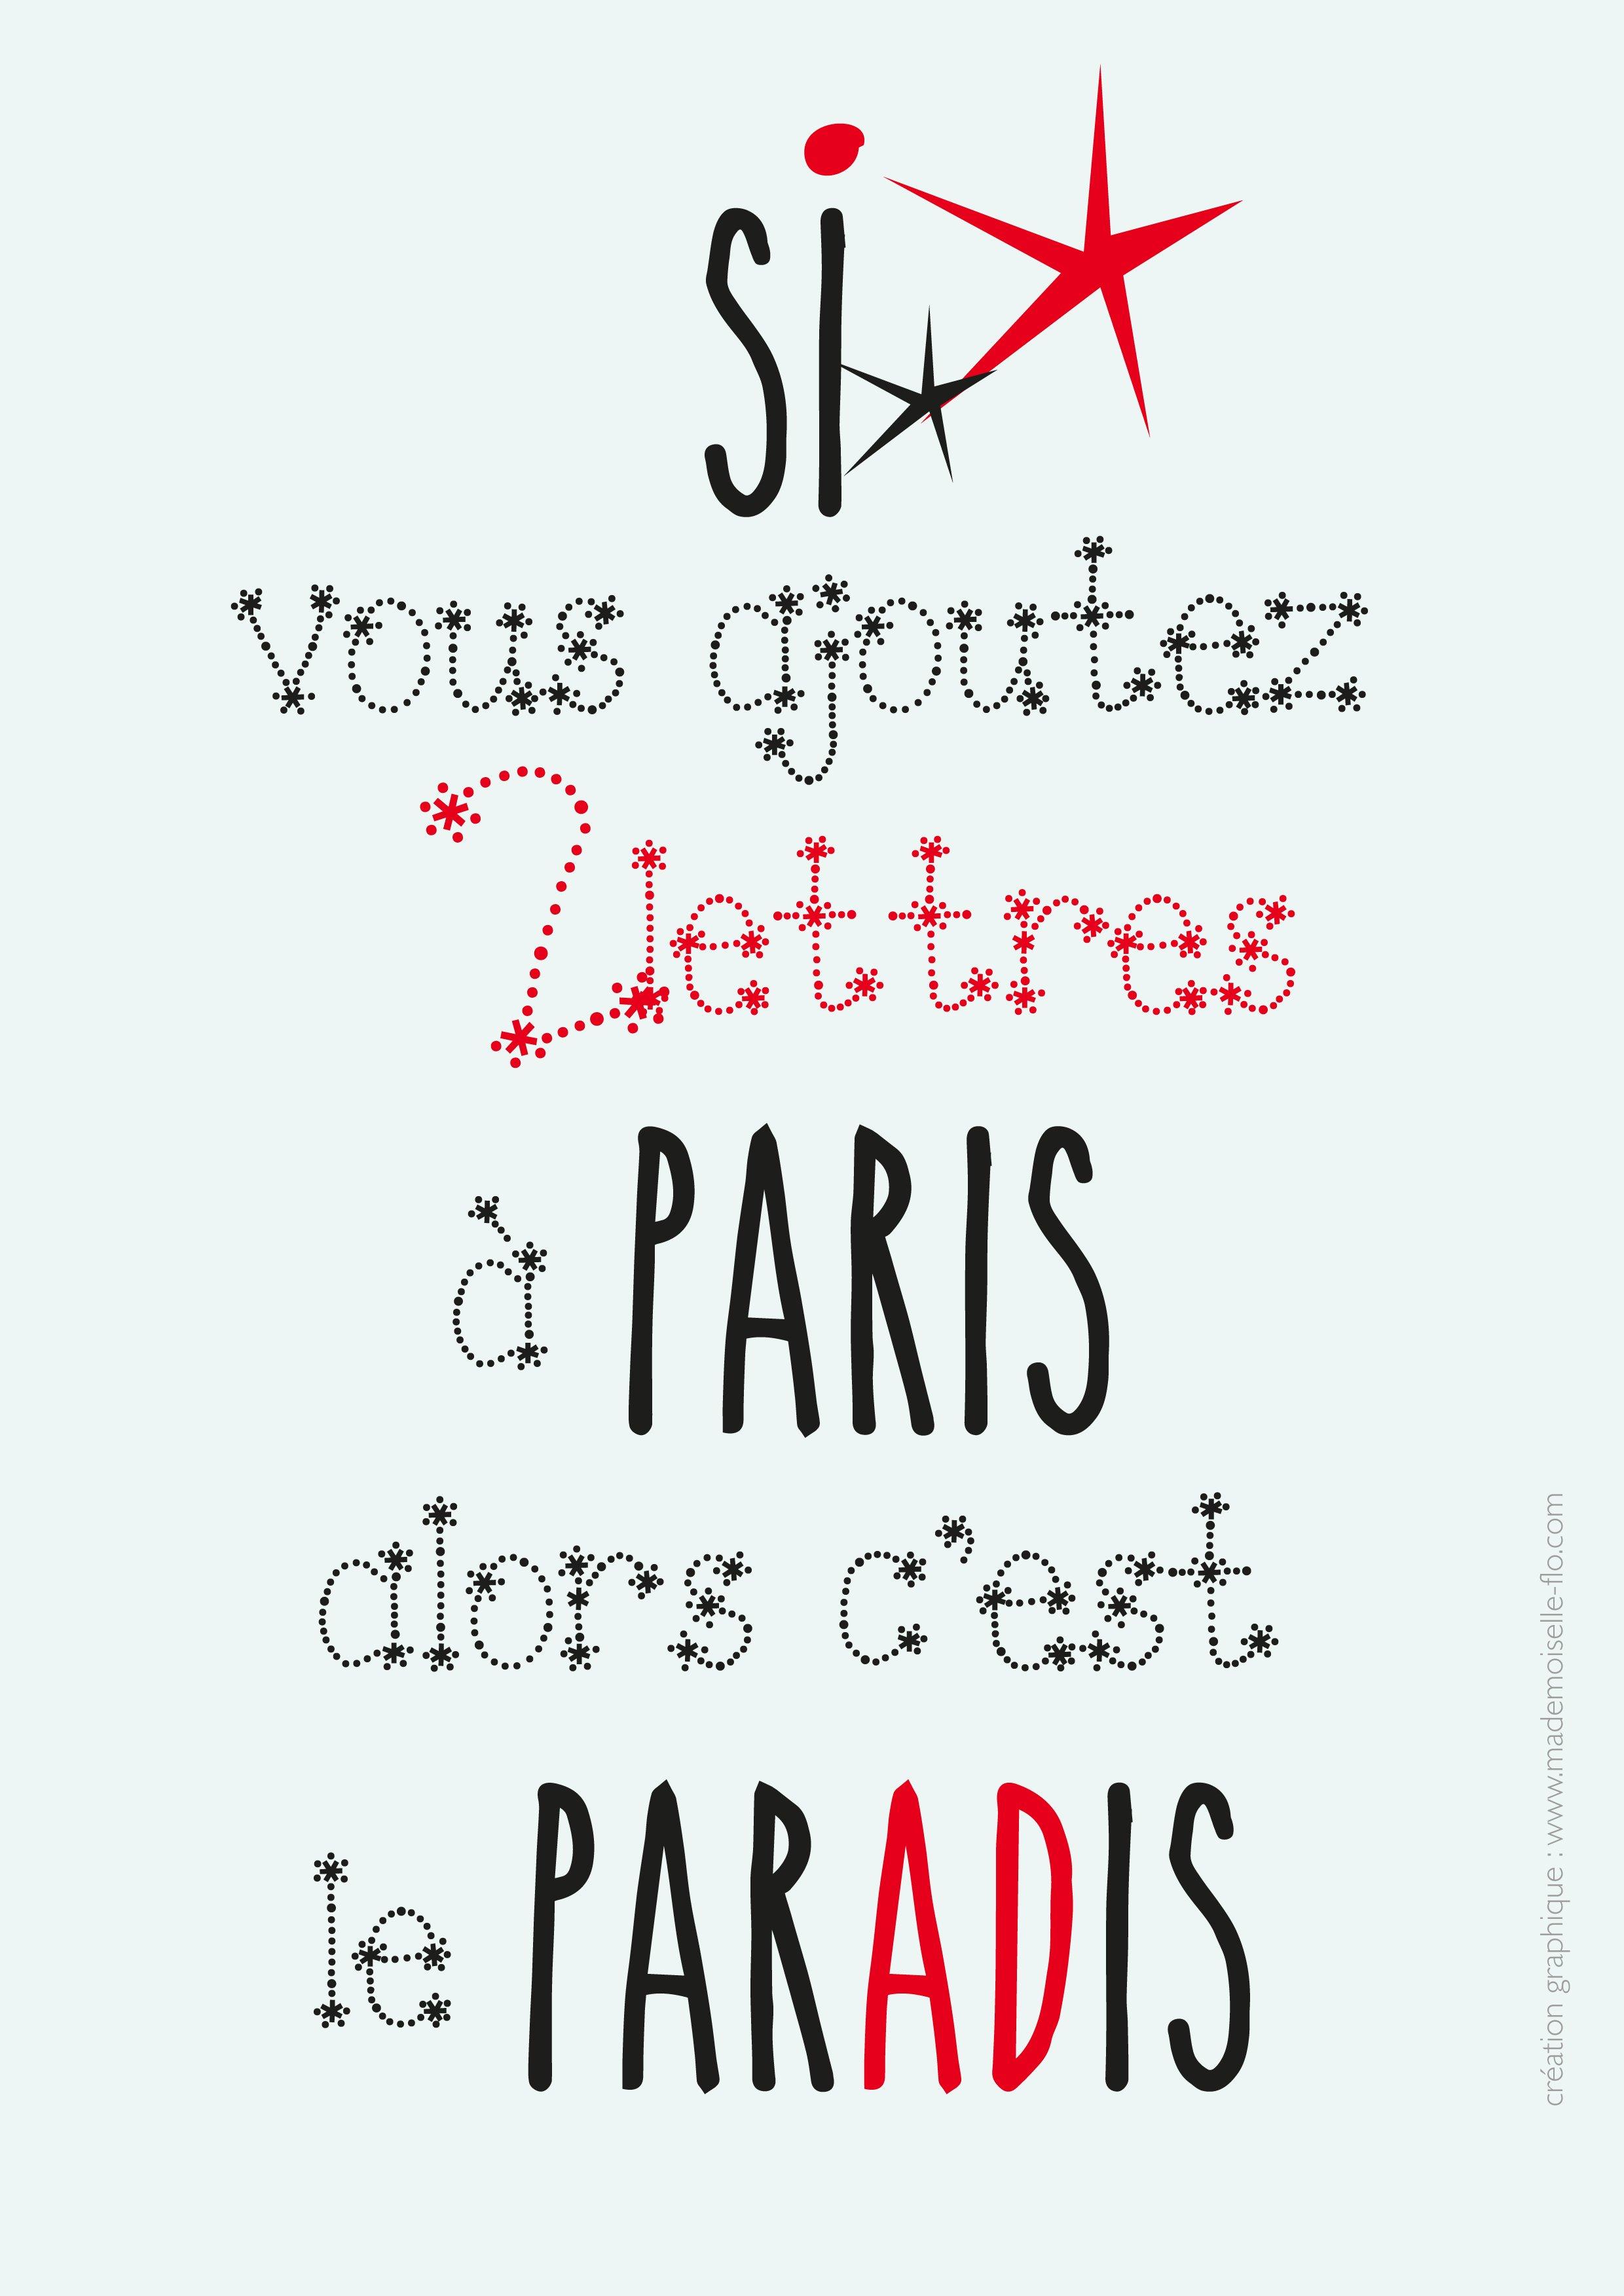 paris paradis mademoiselle flo hi love